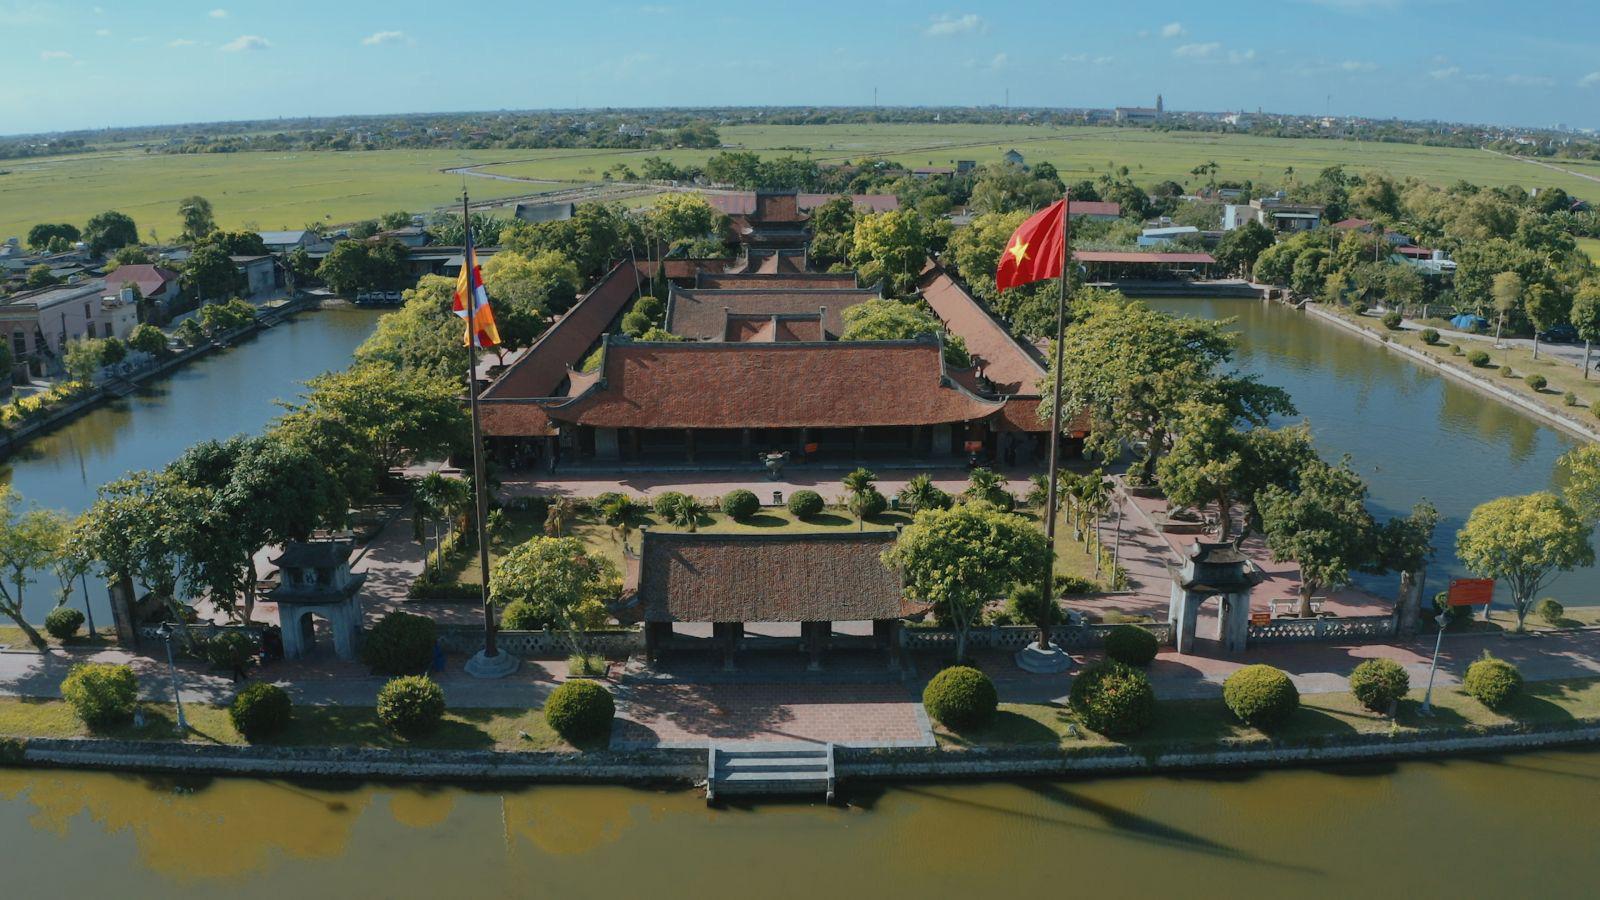 Thái Bình: Phát huy các di sản văn hóa và thiết chế văn hóa ở cơ sở trong xây dựng nông thôn mới - Ảnh 1.